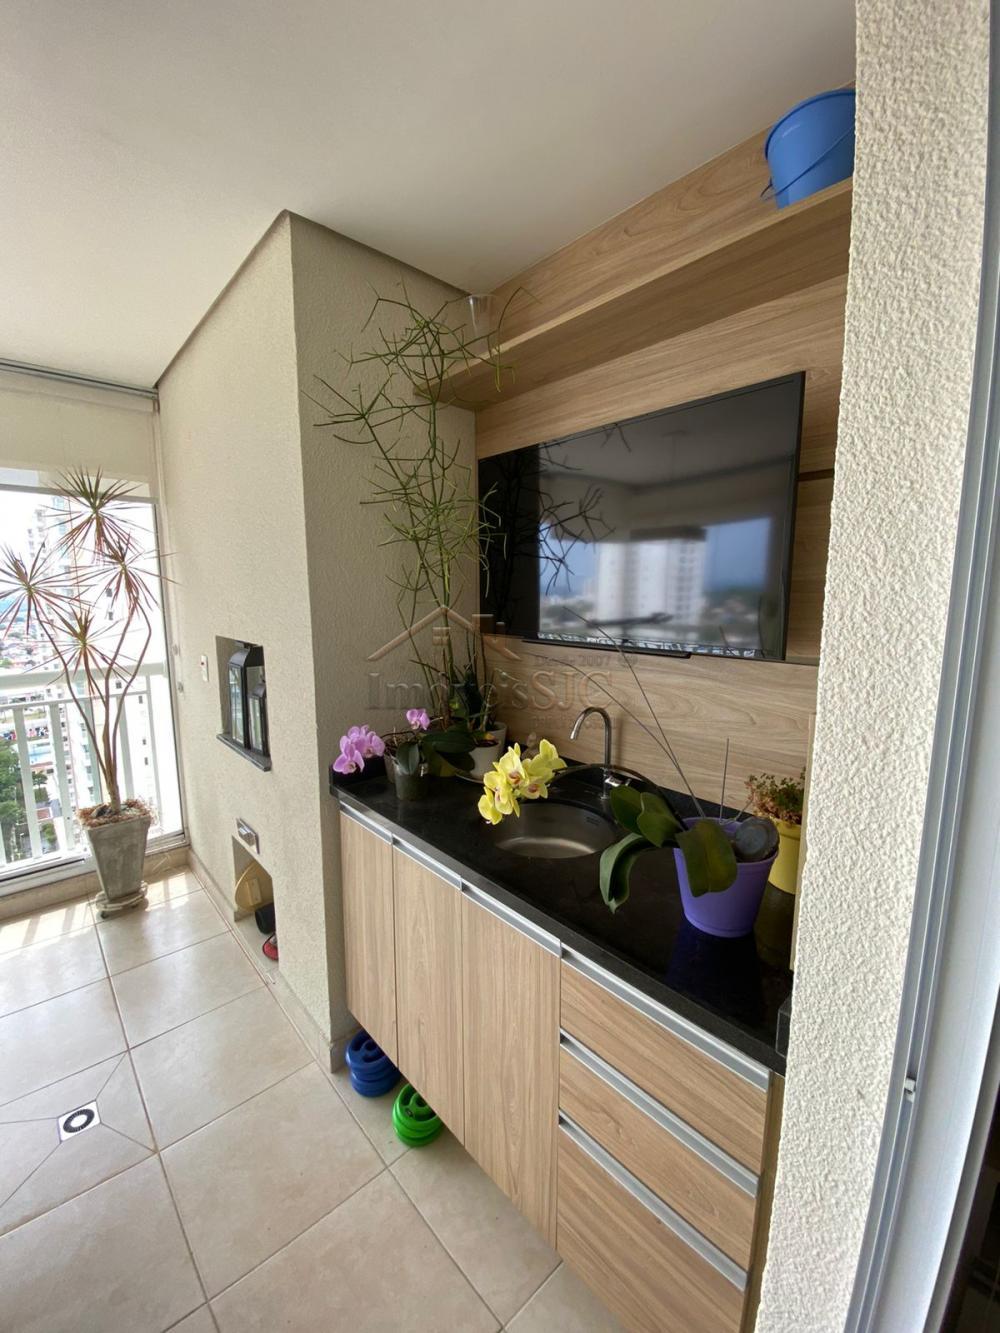 Comprar Apartamentos / Padrão em São José dos Campos R$ 560.000,00 - Foto 2